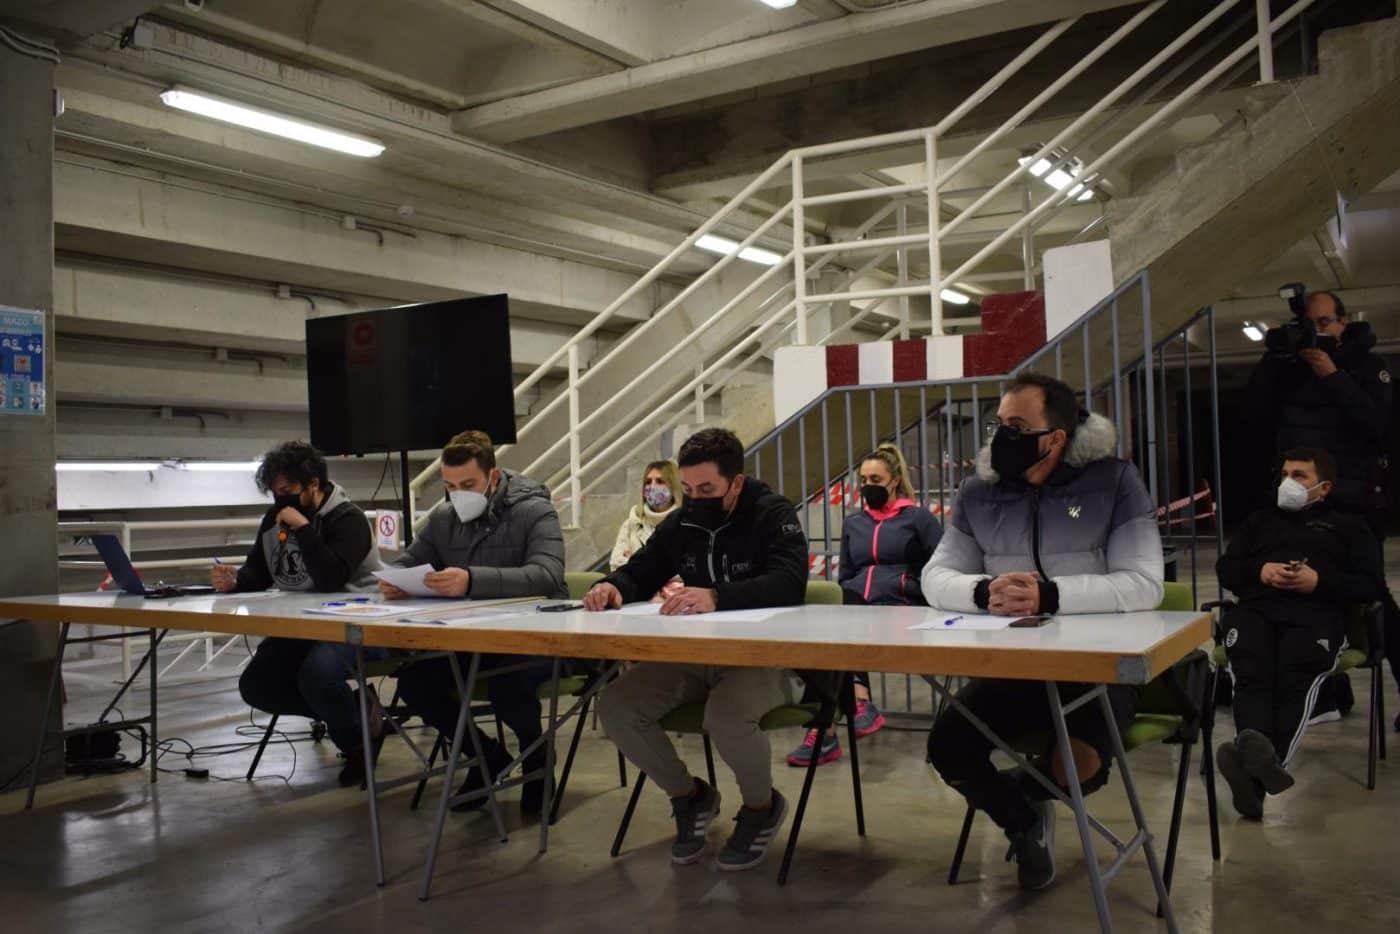 Haro Deportivo y Haro Sport Club, en conversaciones para fusionarse 3